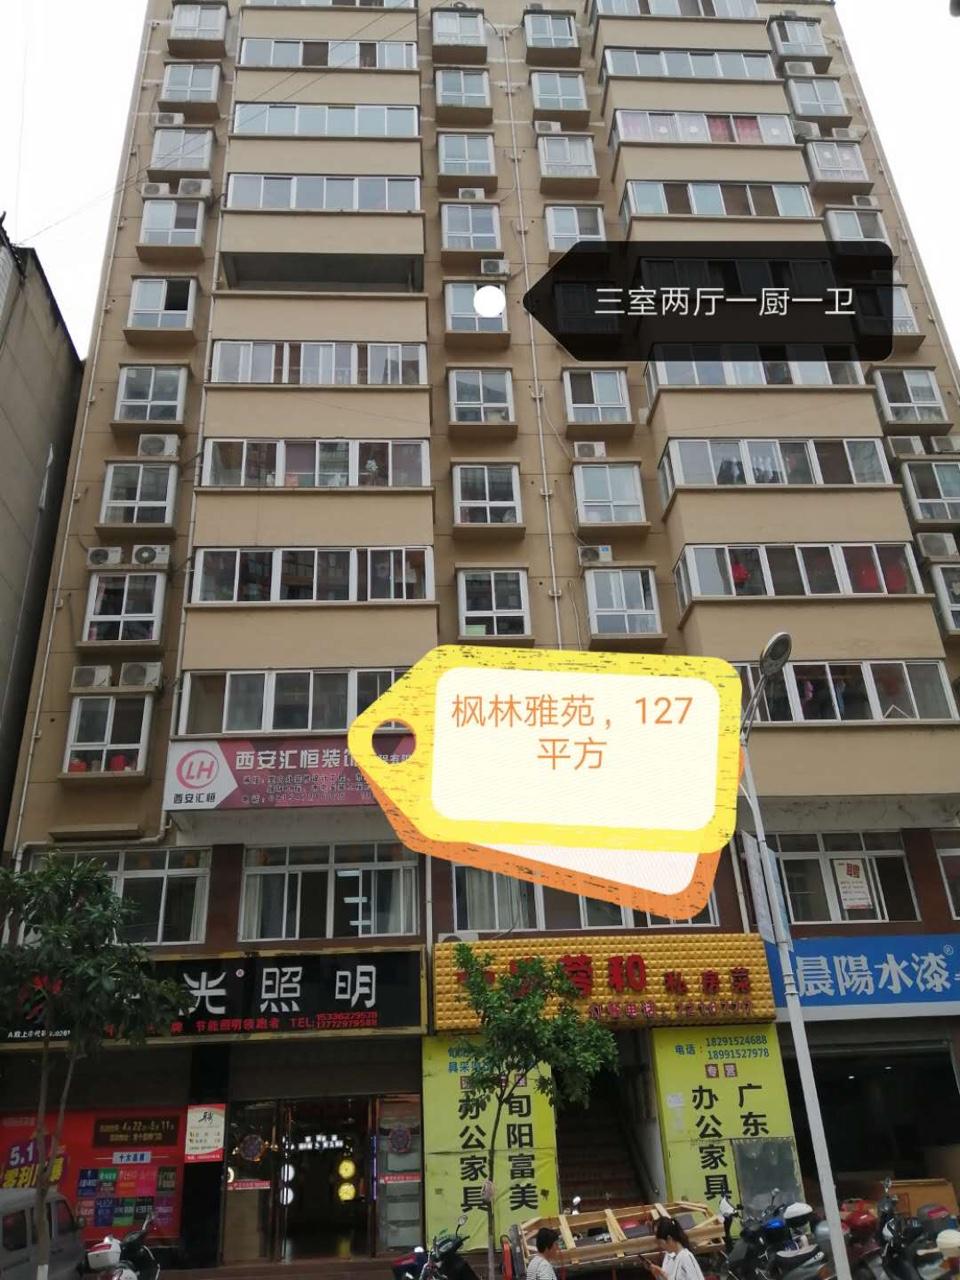 枫林雅苑3室 2厅 1卫53万元